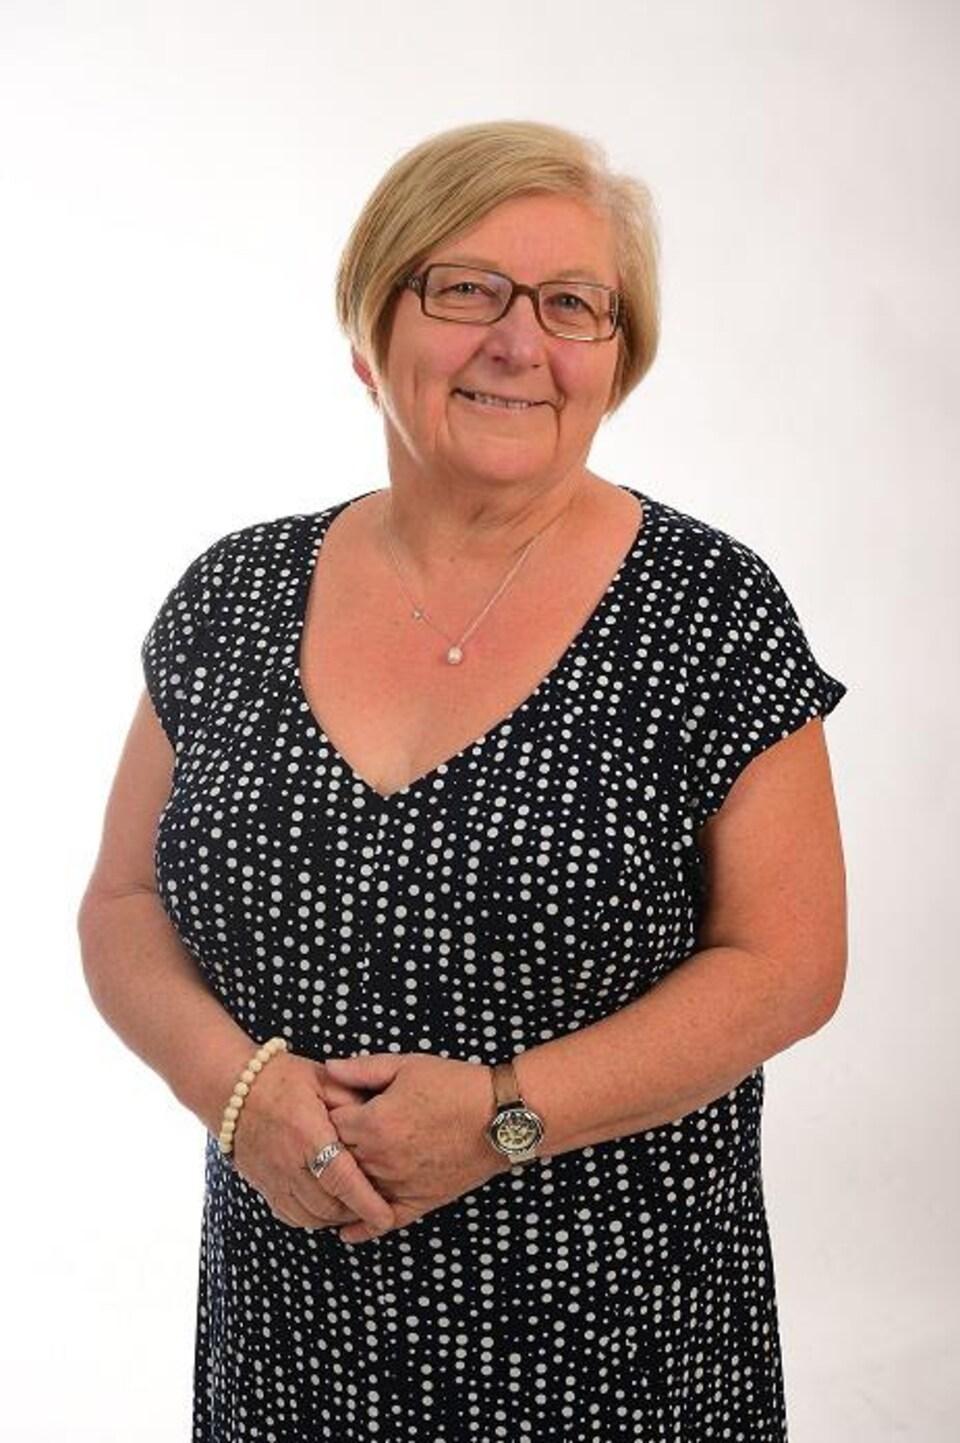 Une femme souriante, Yolande Dupuis, pose pour un photographe.